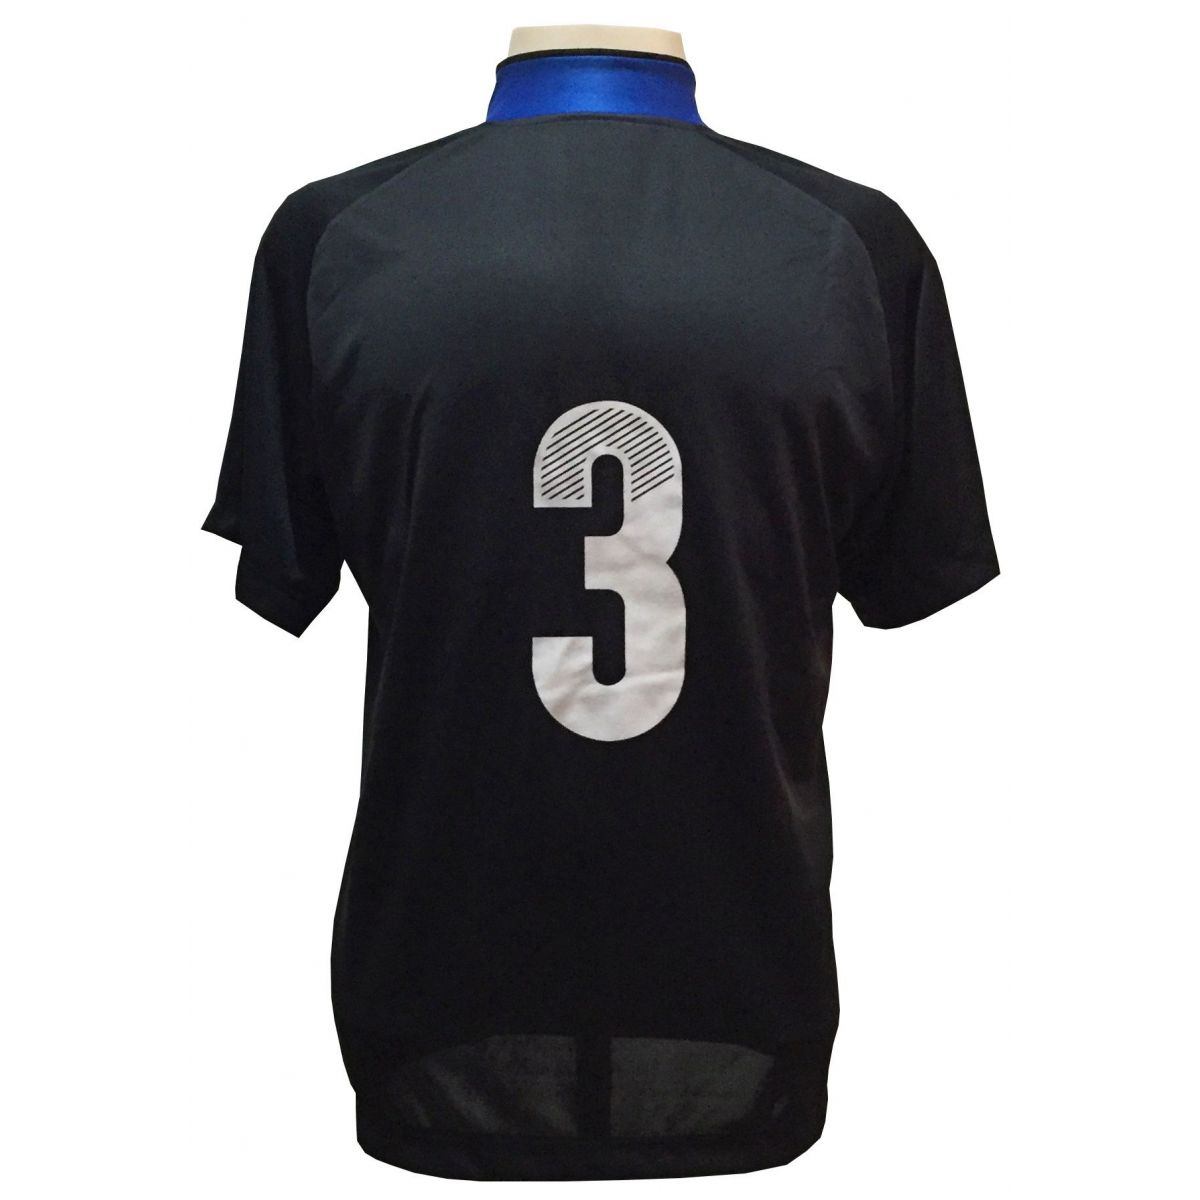 Uniforme Esportivo com 12 Camisas modelo Milan Preto/Royal + 12 Calções modelo Madrid Royal + 12 Pares de meiões Preto